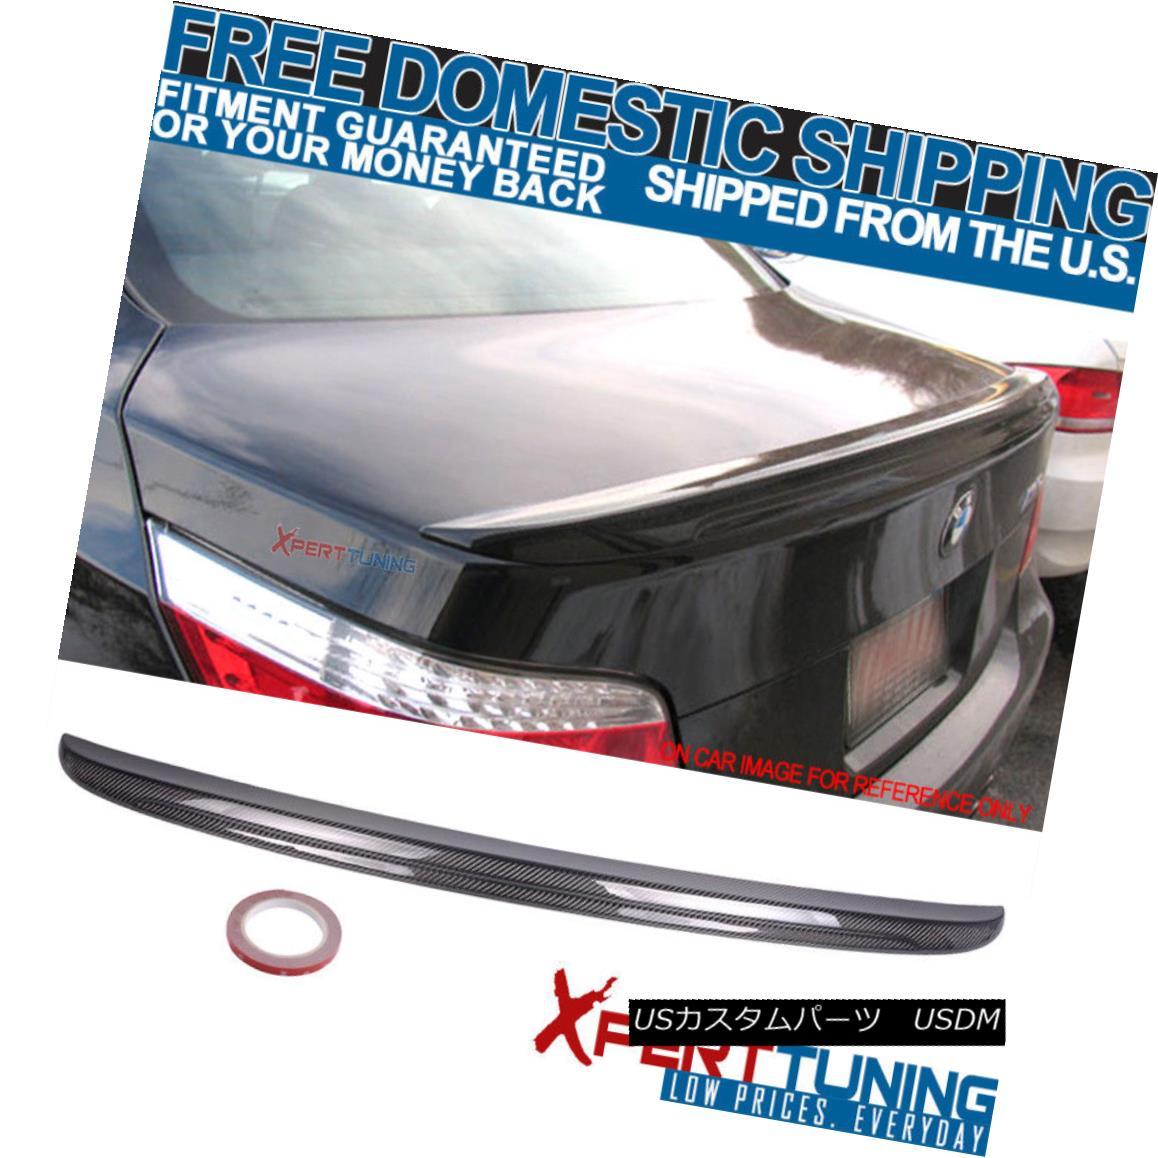 エアロパーツ 04-10 BMW 5 Series E60 4Dr M5 Style Carbon Fiber Trunk Spoiler Wing (CF) 04-10 BMW 5シリーズE60 4Dr M5スタイル炭素繊維トランク・スポイラー・ウィング(CF)